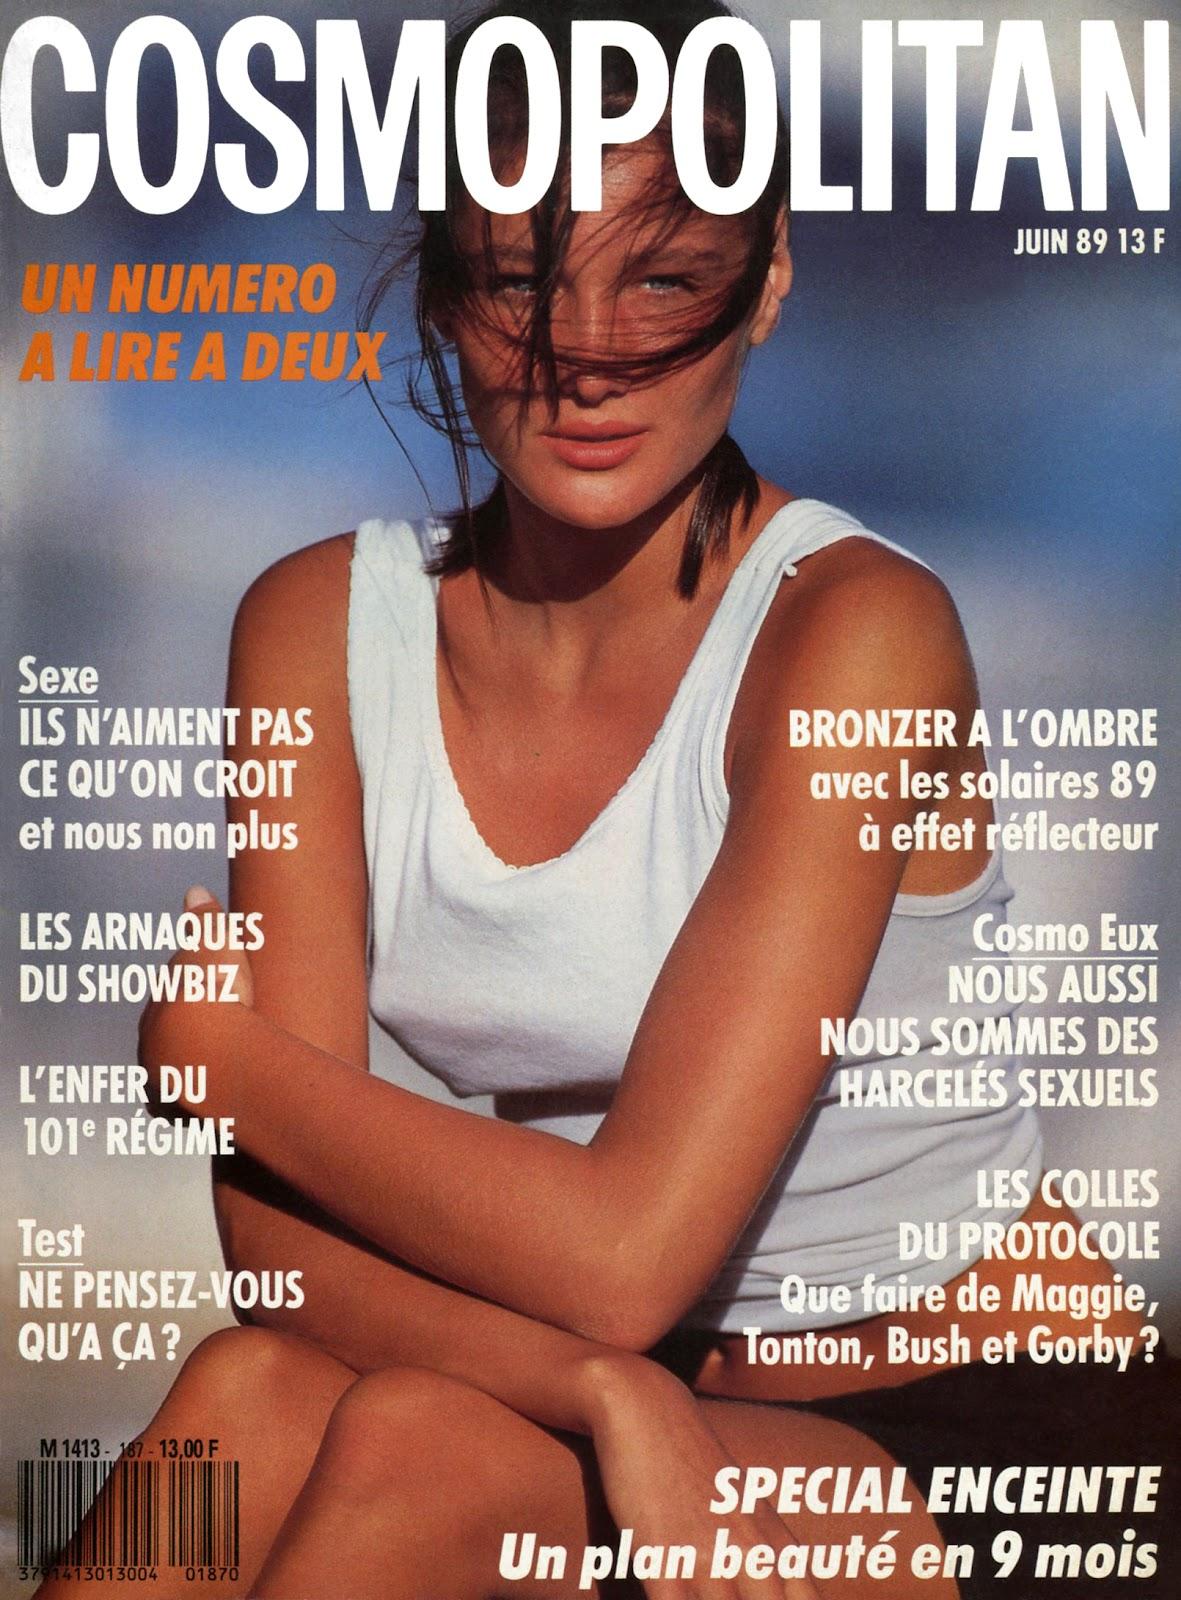 http://1.bp.blogspot.com/-esUZHA2nIb8/T0UCBdhpYxI/AAAAAAAAAUs/TxTlYlZX1Ss/s1600/Carla+Bruni+1989+06+Cosmopolitan+Fr+Ph+Christophe+Majani+001.jpg